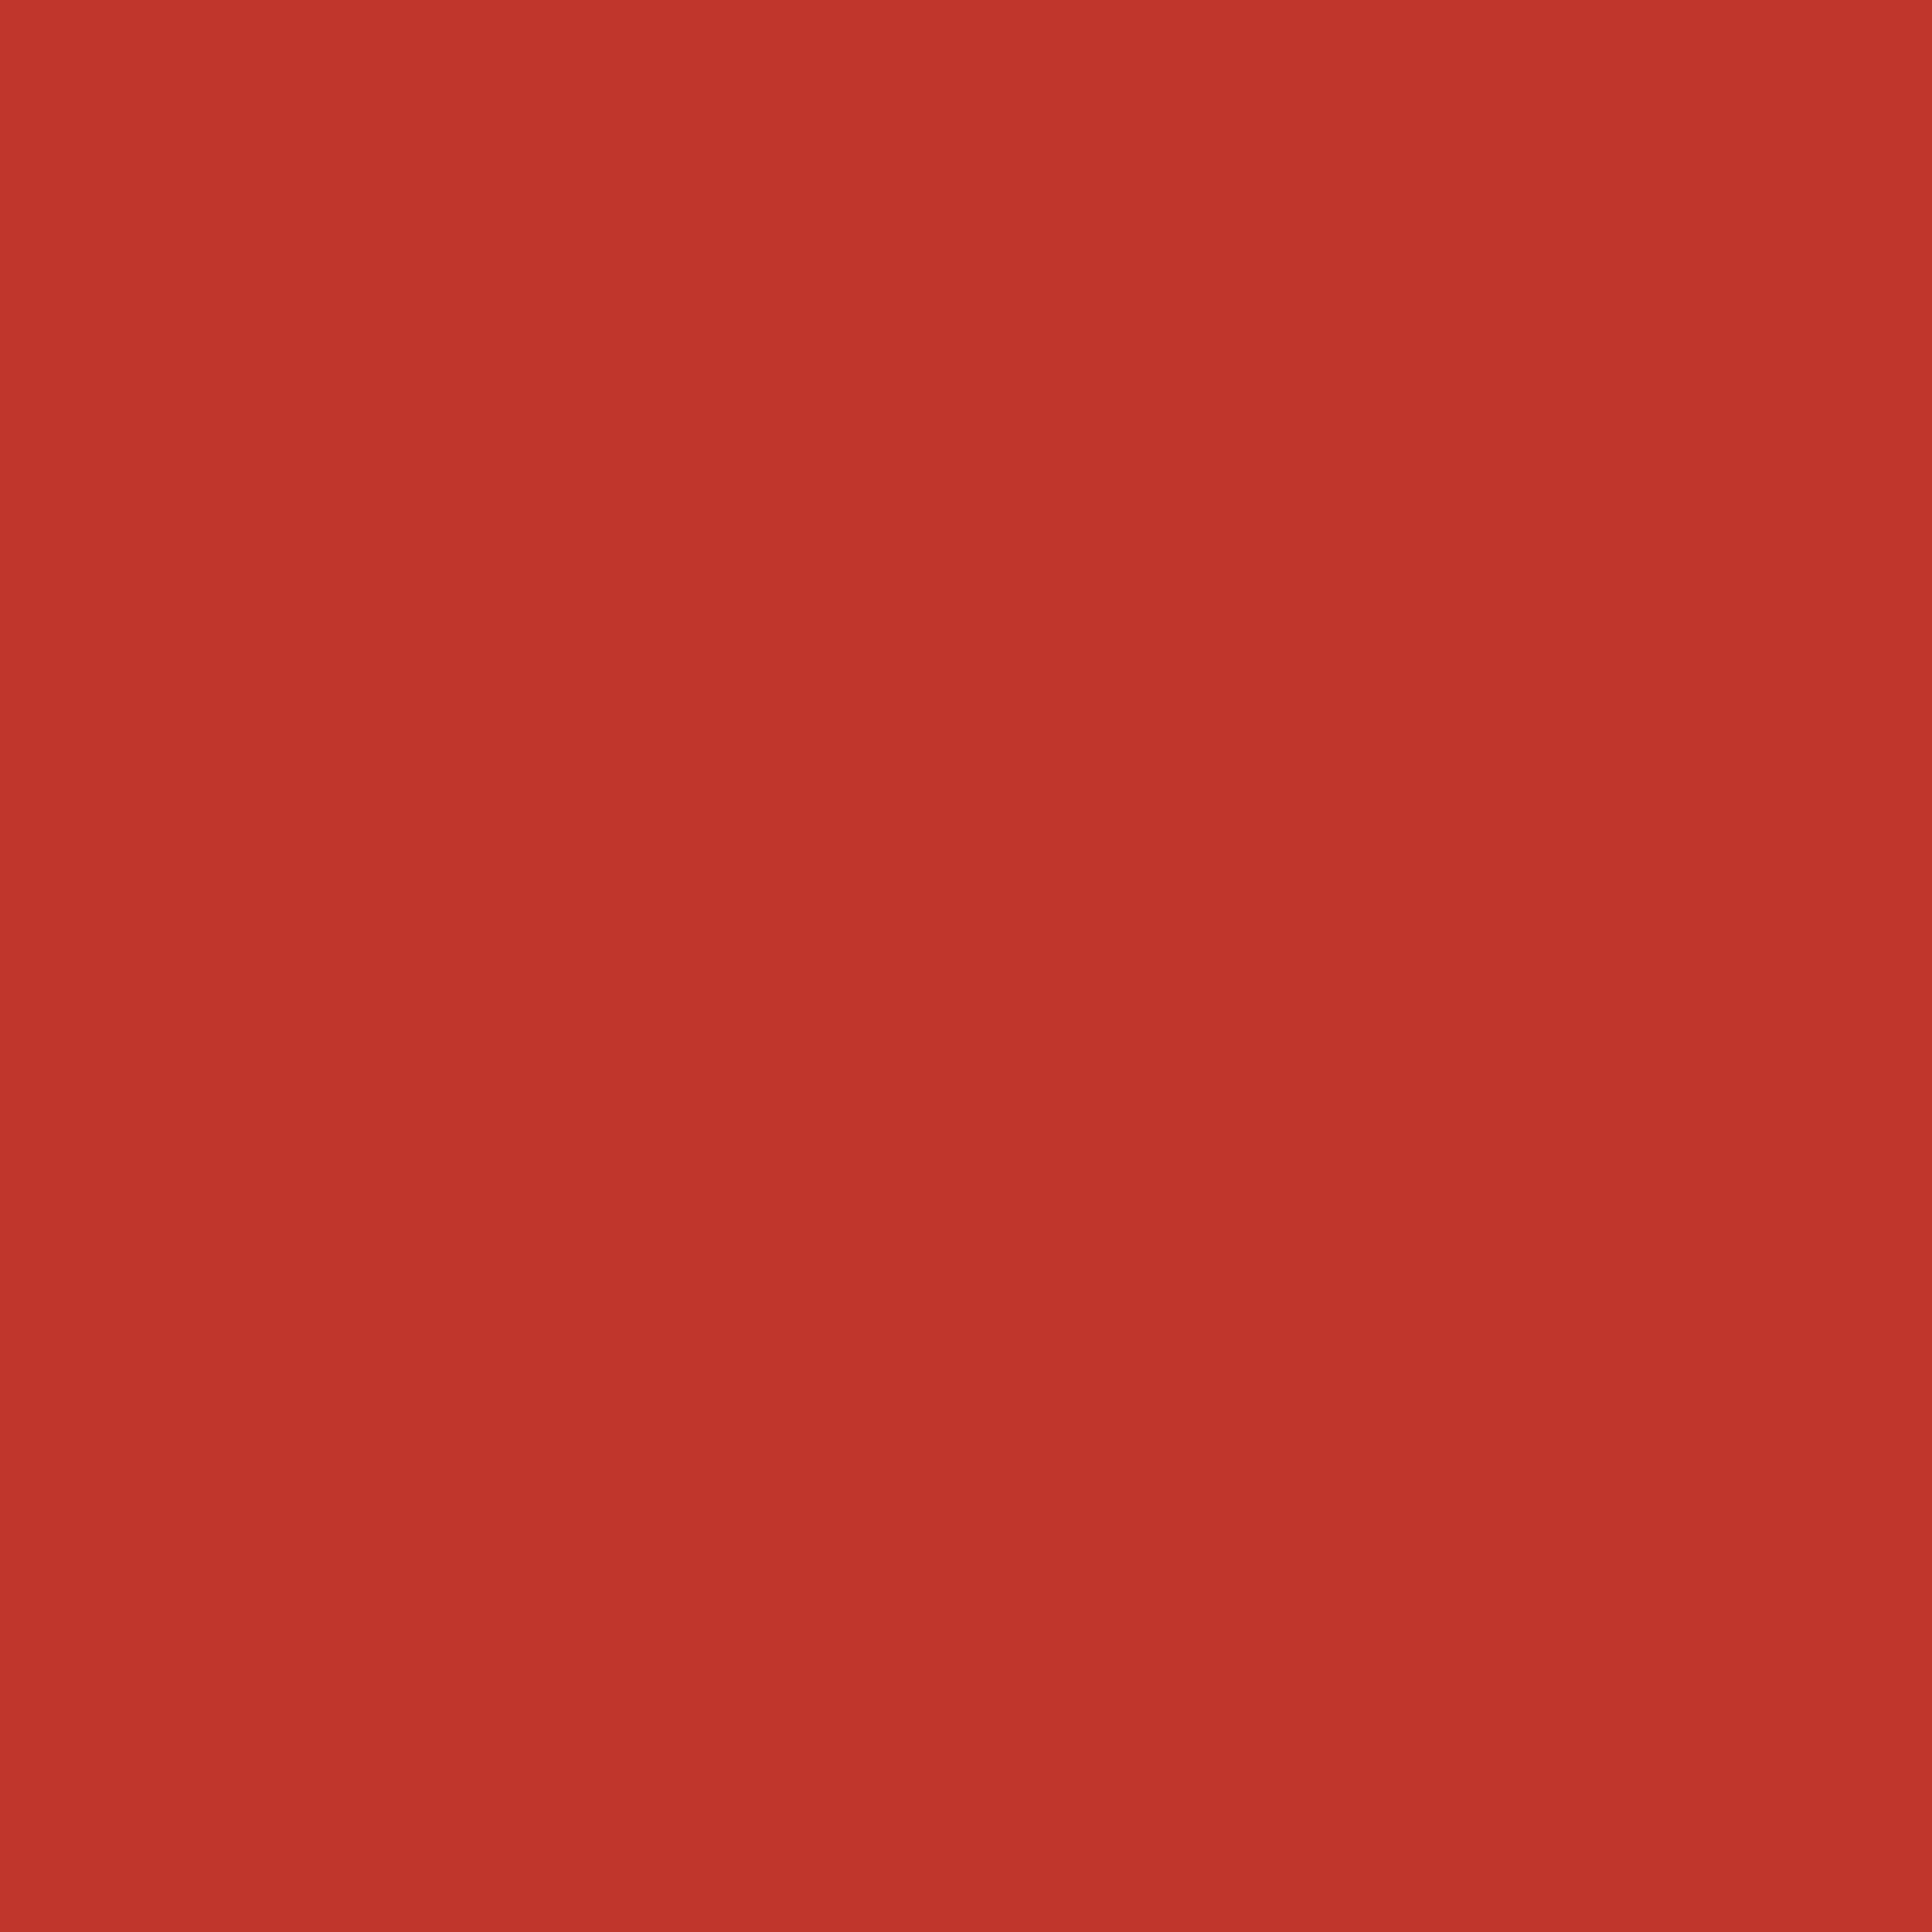 2732x2732 International Orange Golden Gate Bridge Solid Color Background